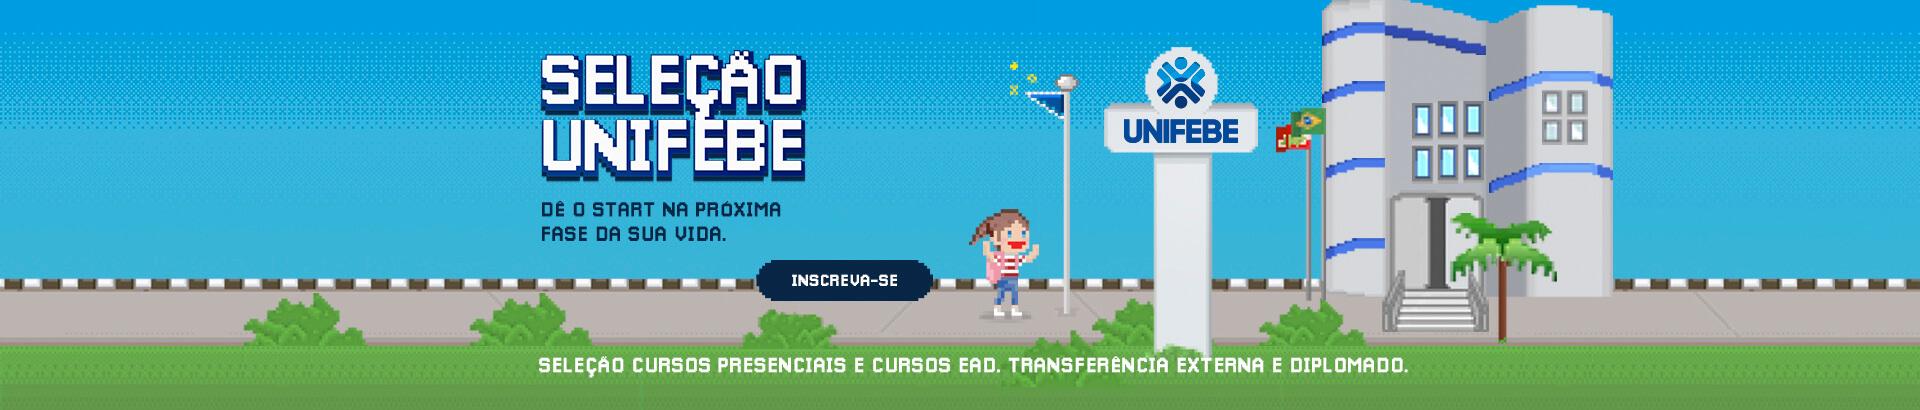 Banner-Home-desktop-selecao e transferencia-1920x410px-1